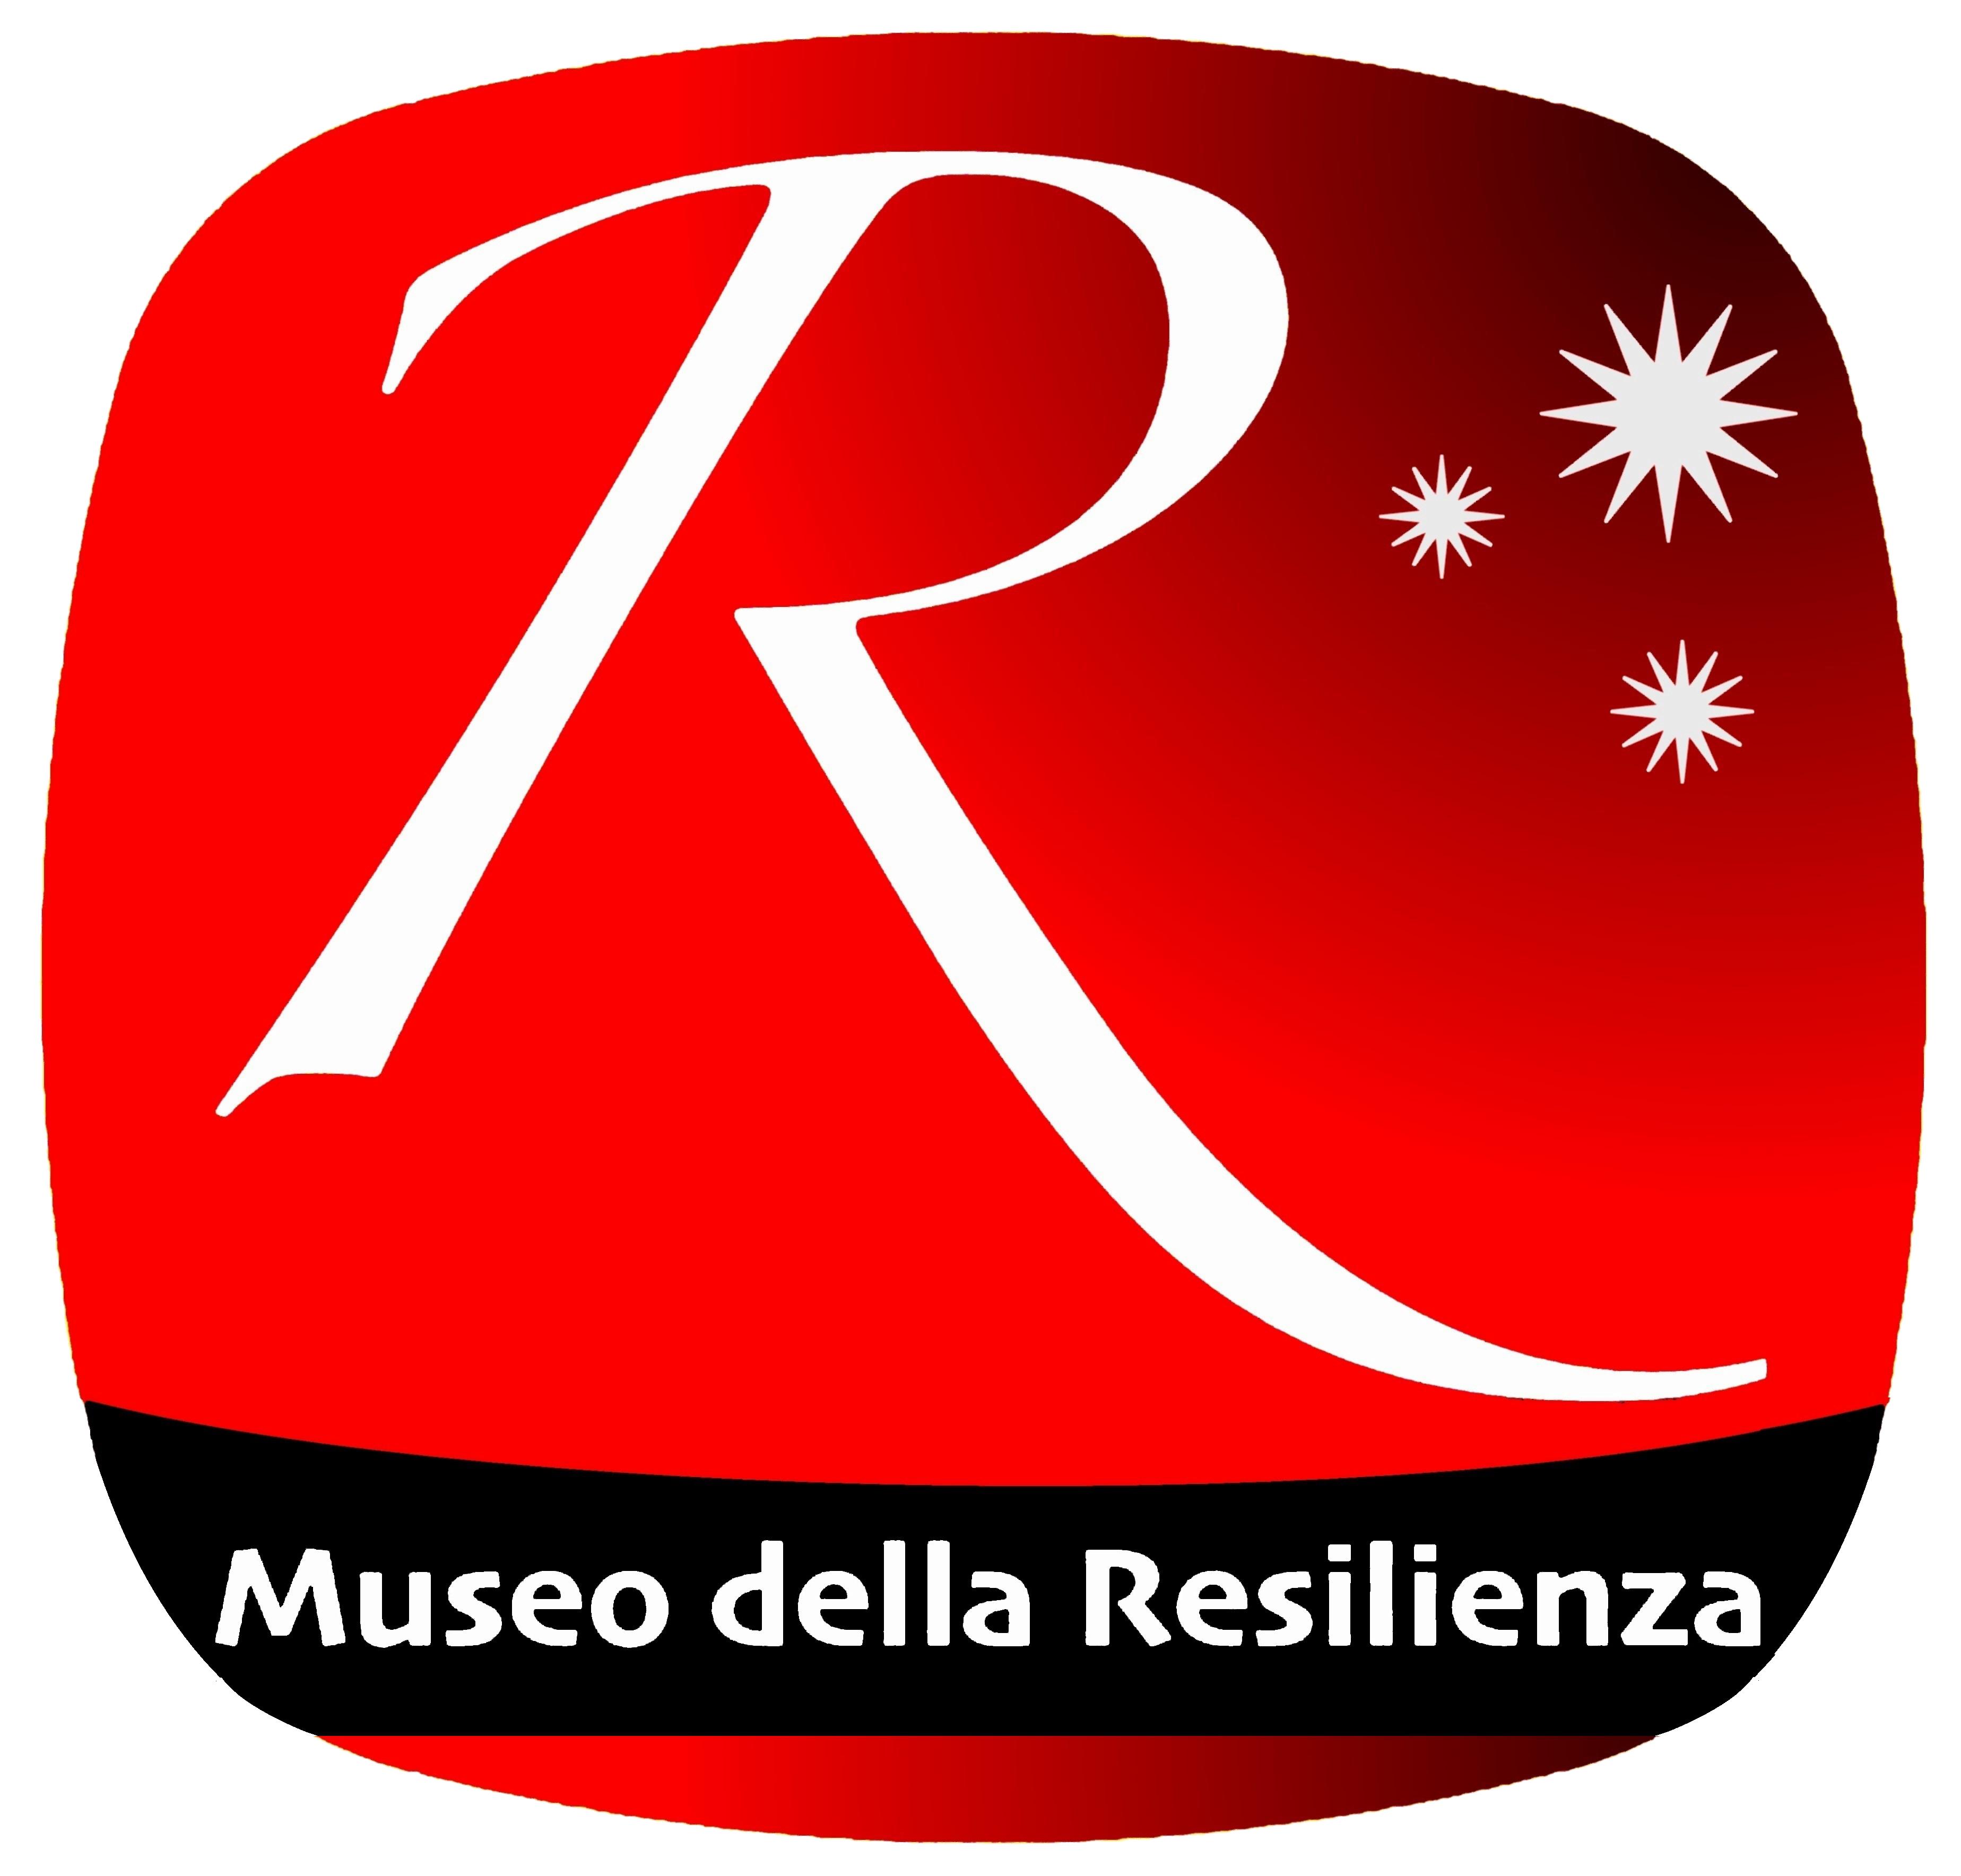 Museo della Resilienza